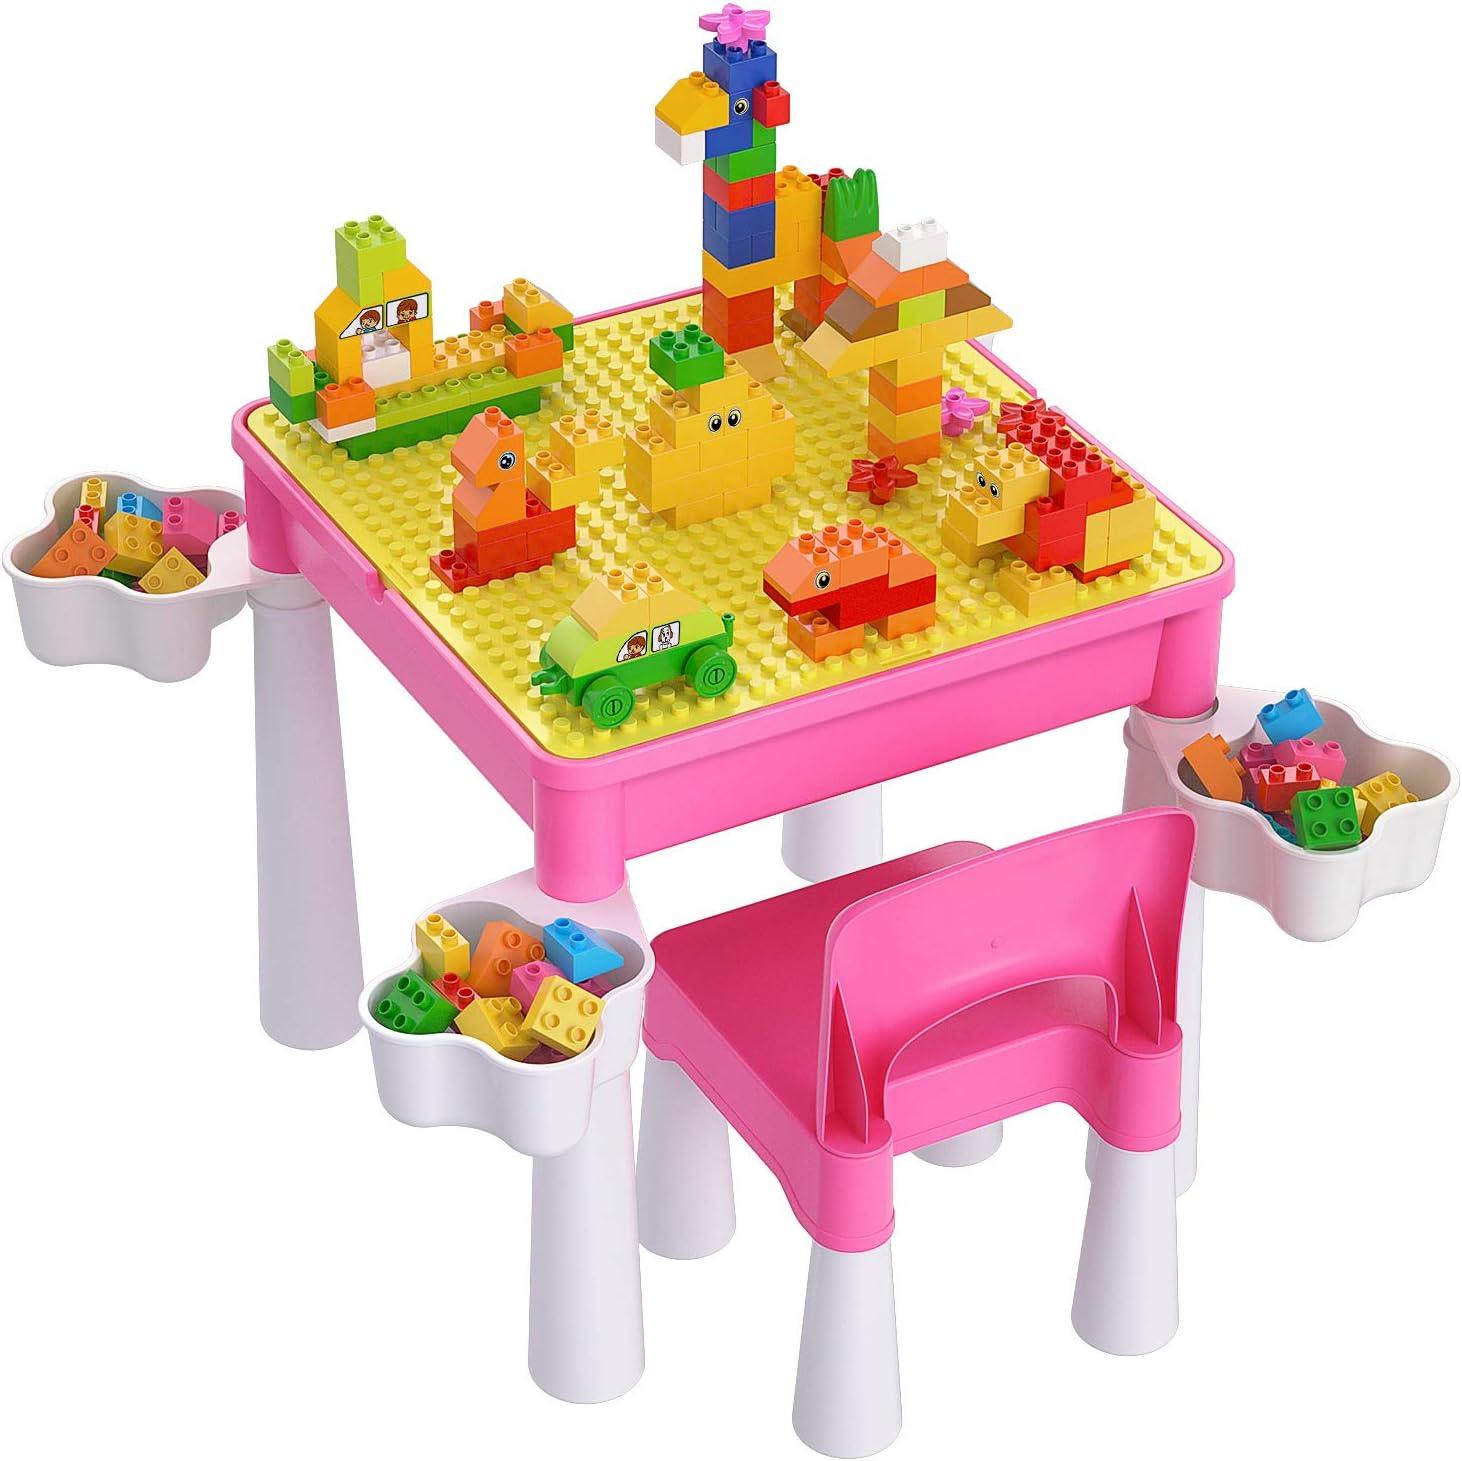 burgkidz Juego de Mesa y Silla para Niños Pequeños, Mesa de Actividades de Plástico Rosa con Placa Base de Construcción de Bloques y Juguetes de Creativos Grandes Clásicos de 128 Piezas para Niñas